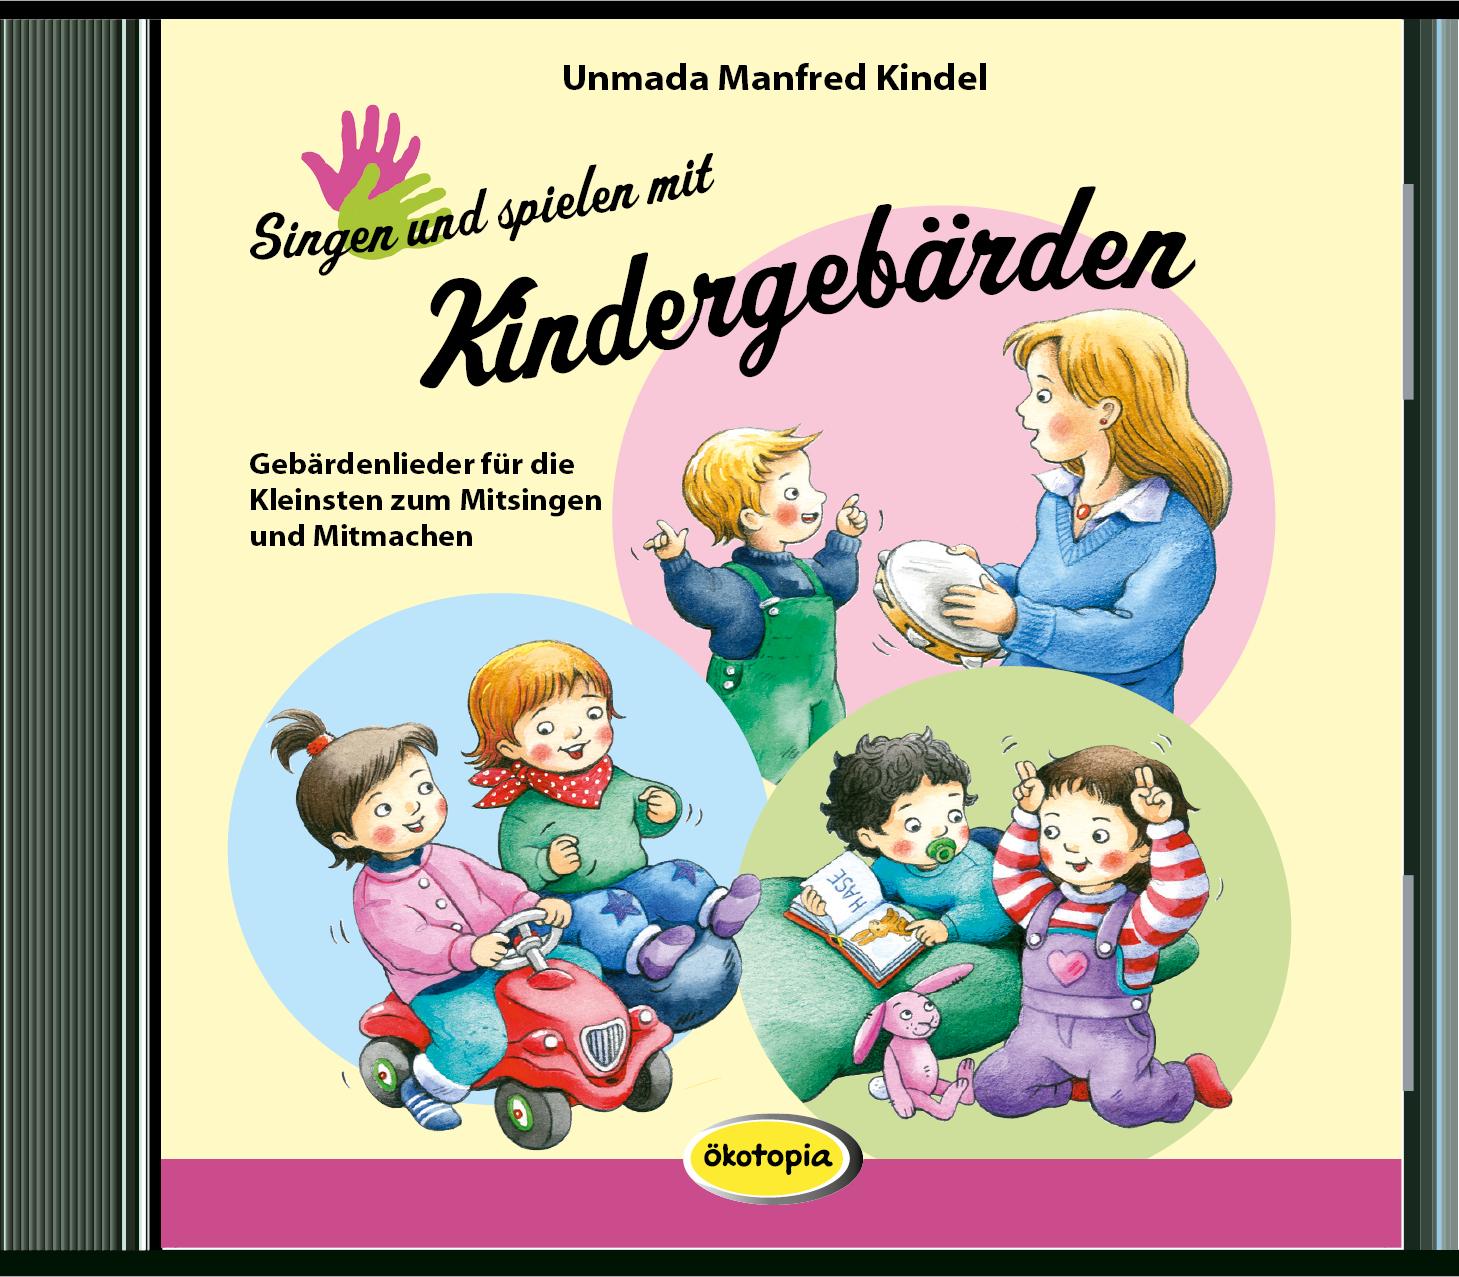 Singen und spielen mit Kindergebärden (CD)